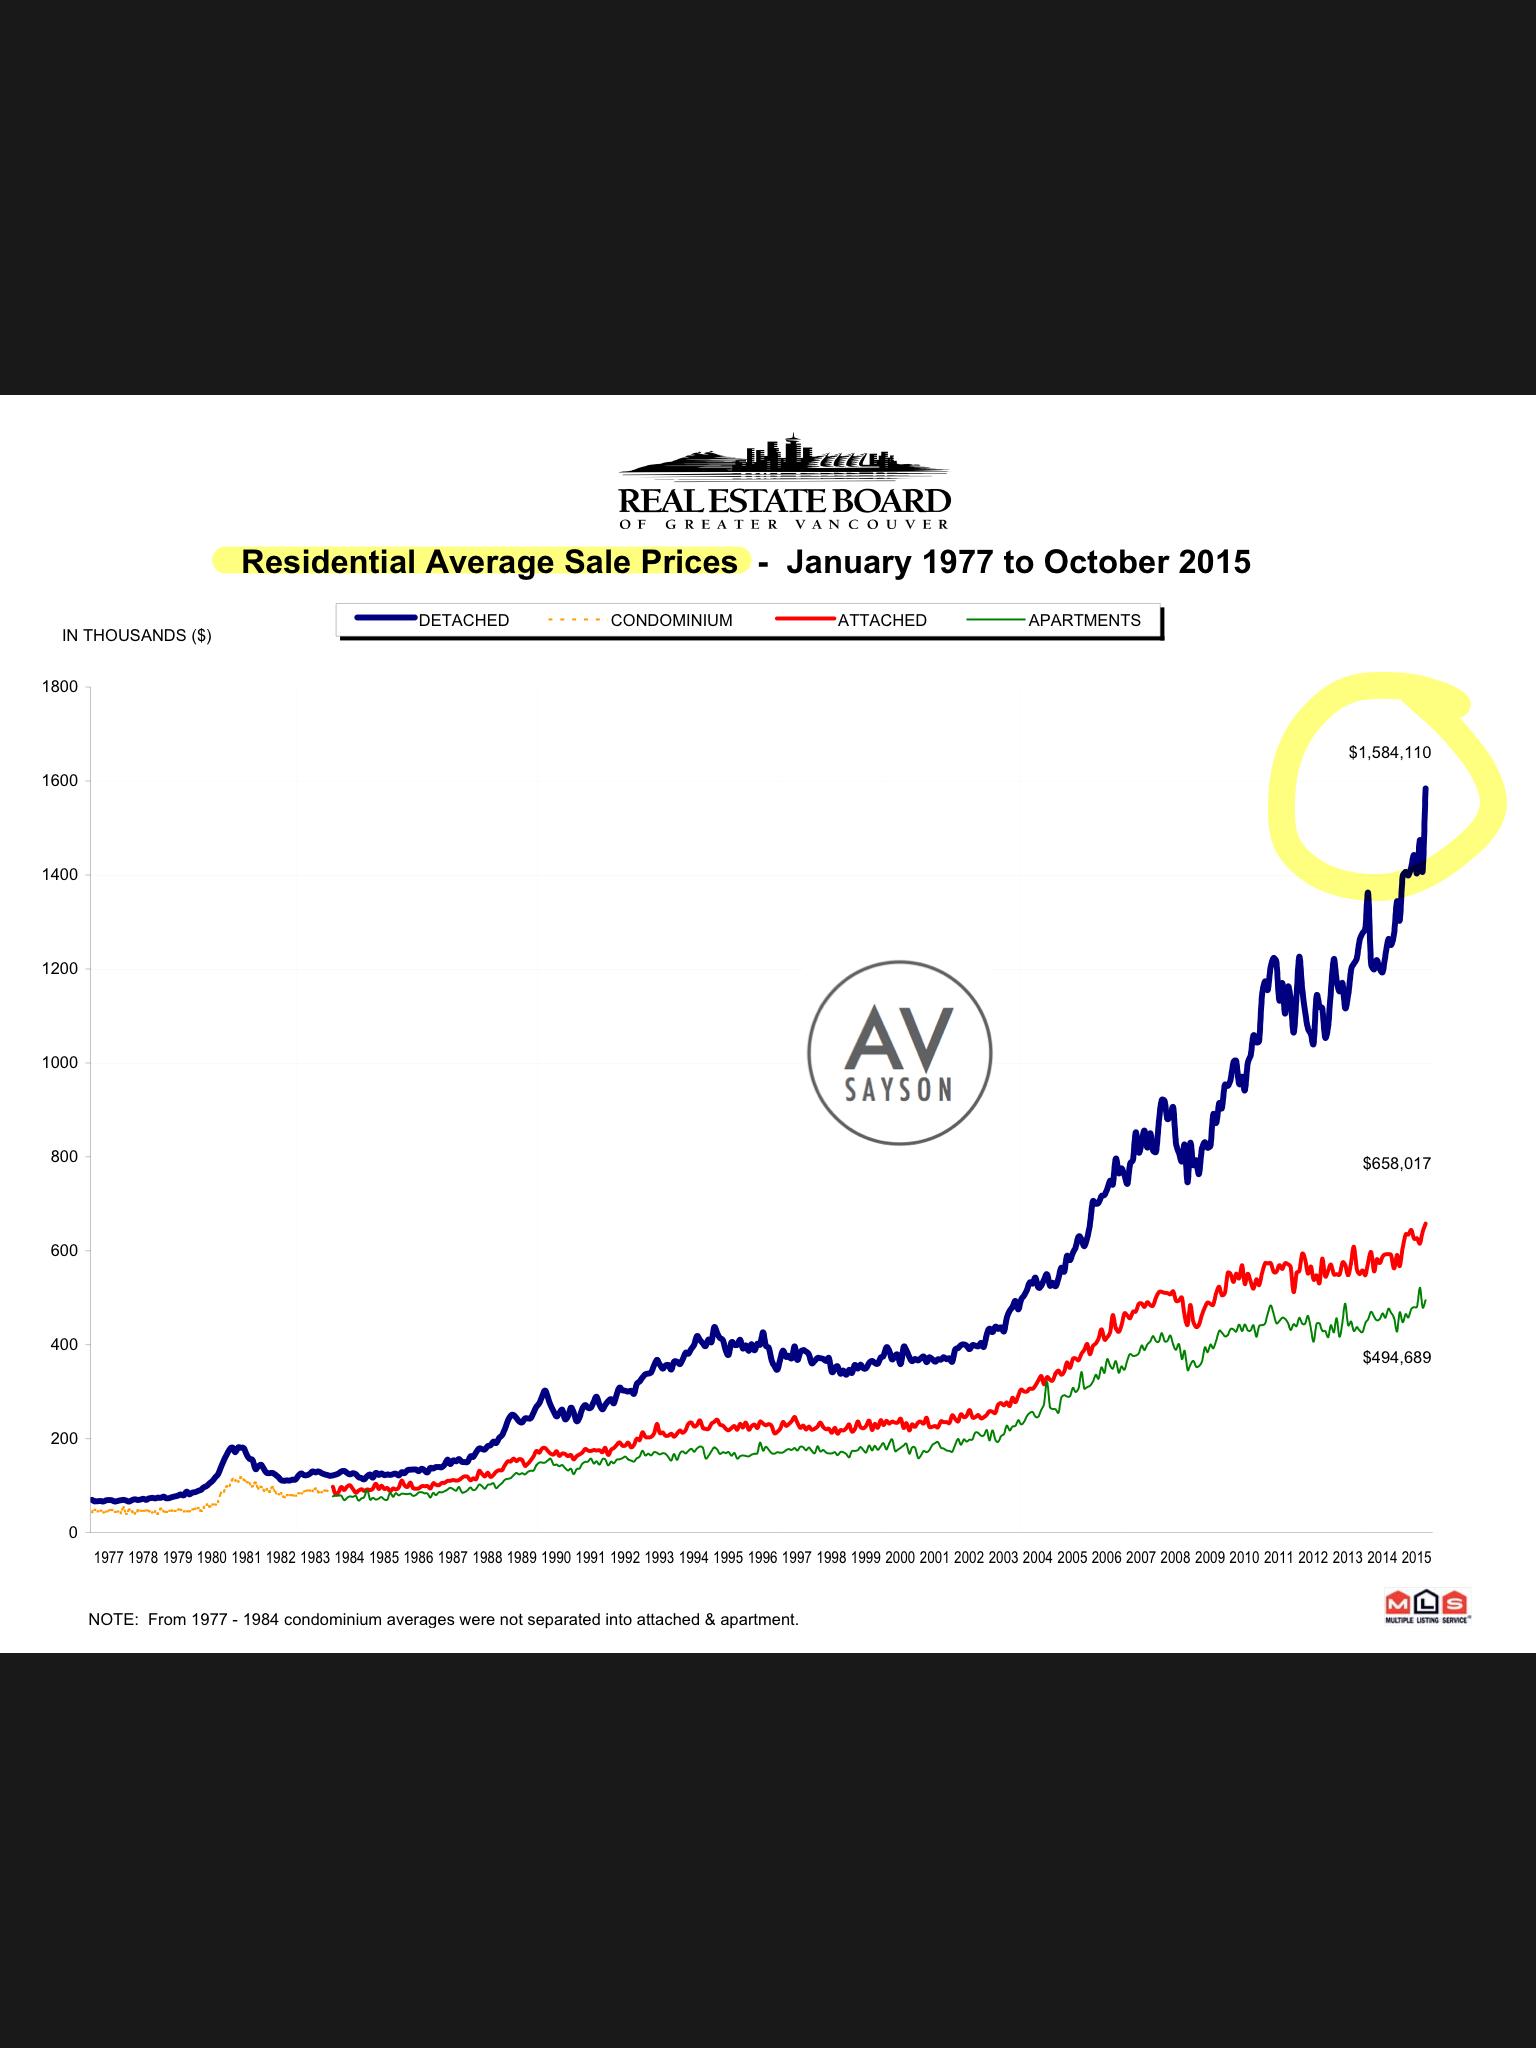 201510 av sayson rebgv stats